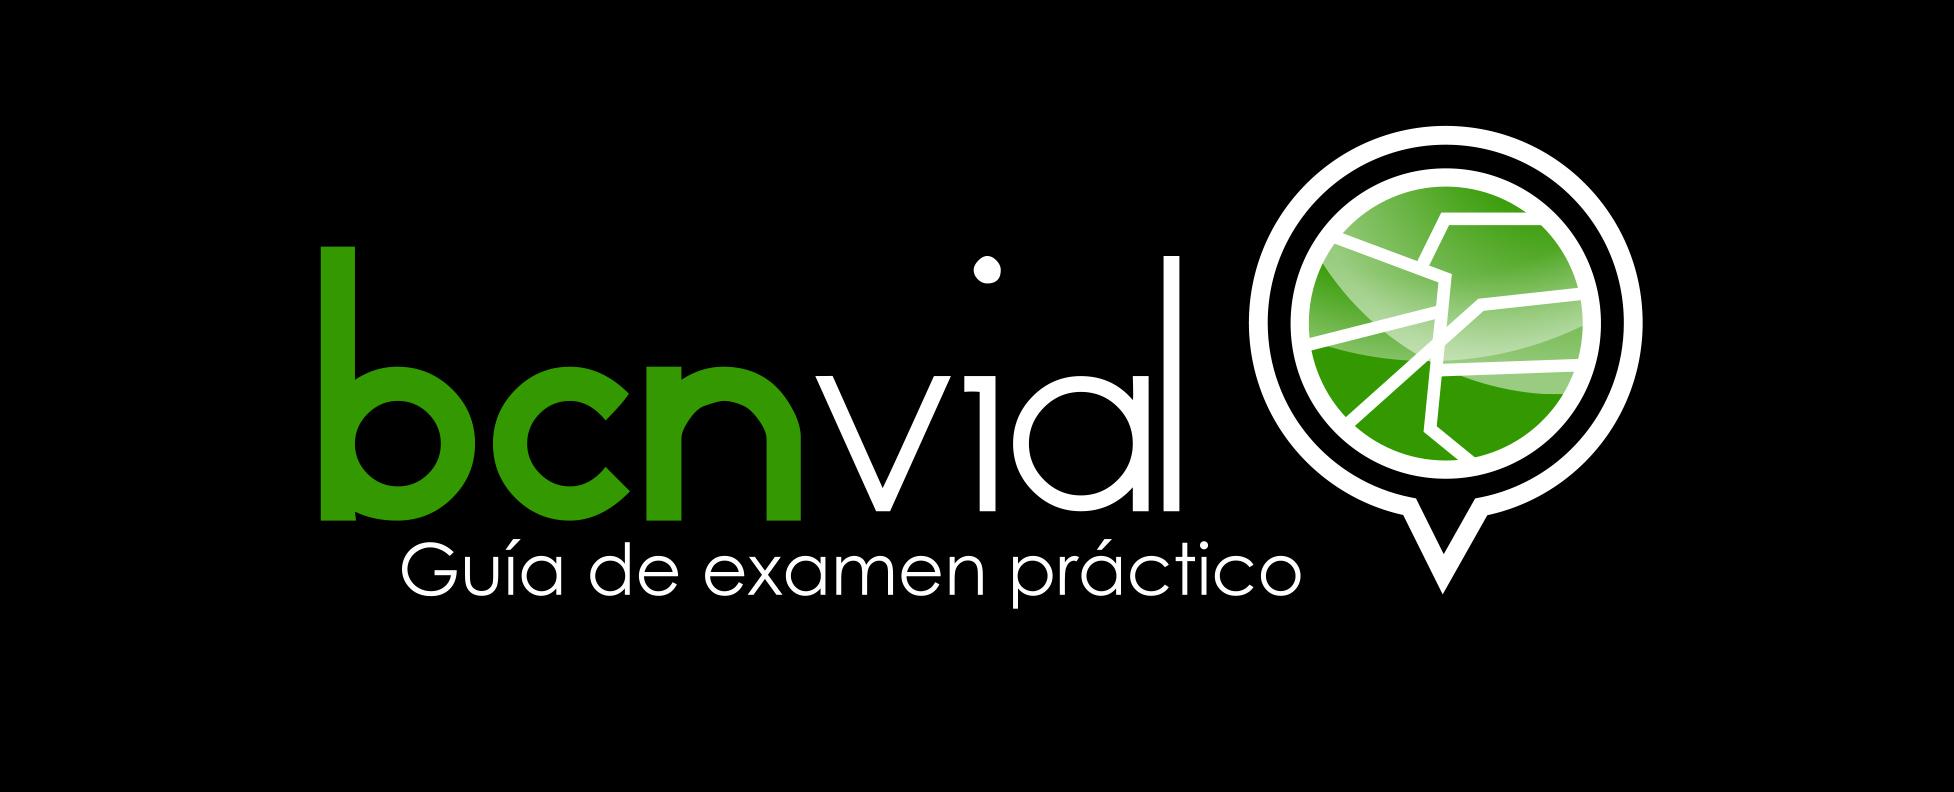 Foto de 1368006333_logo-bcnvial.jpg